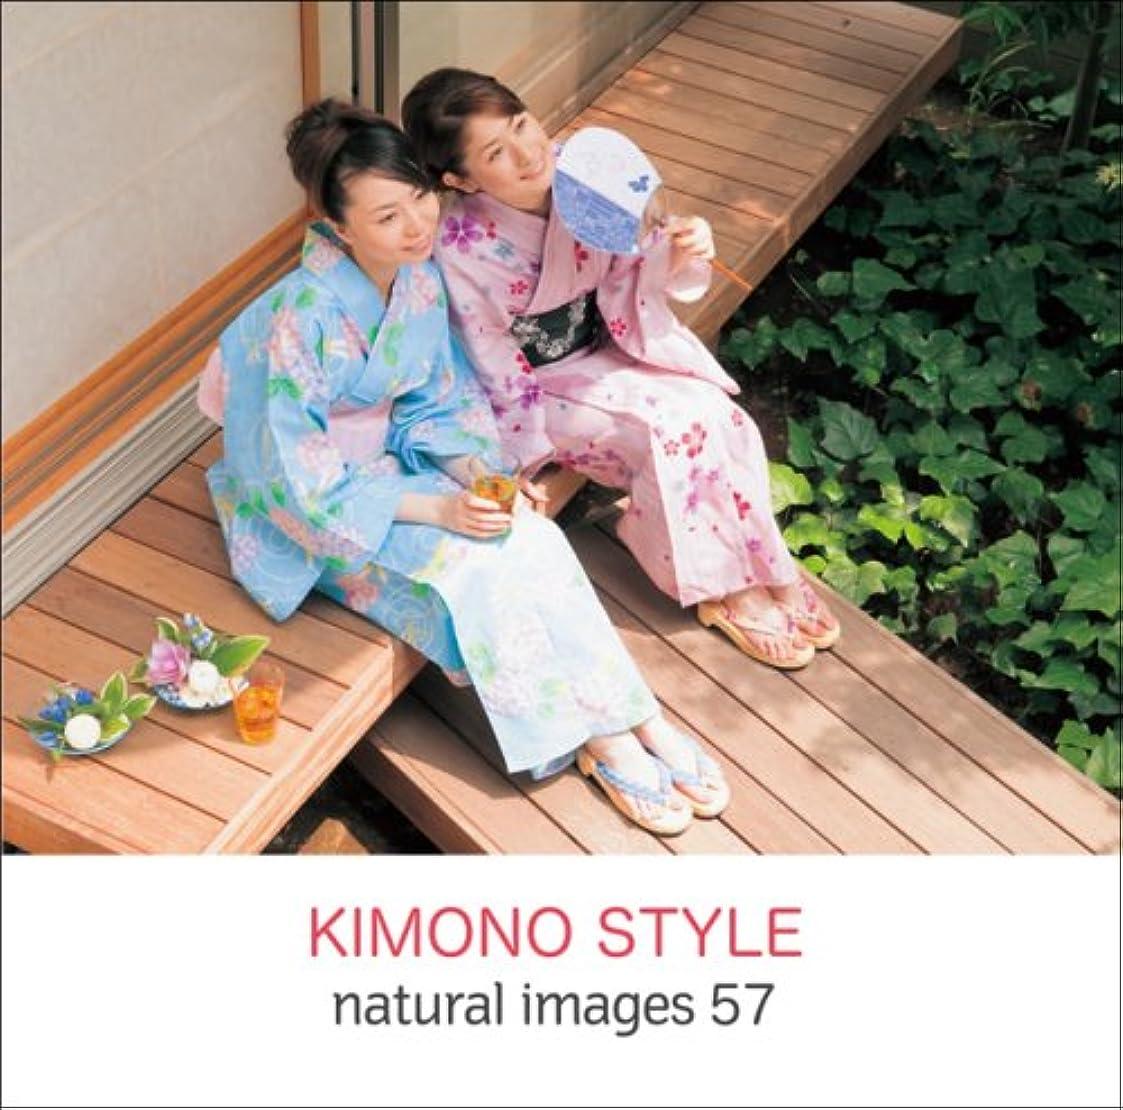 嫌い勇気のある世界記録のギネスブックnatural images Vol.57 KIMONO STYLE